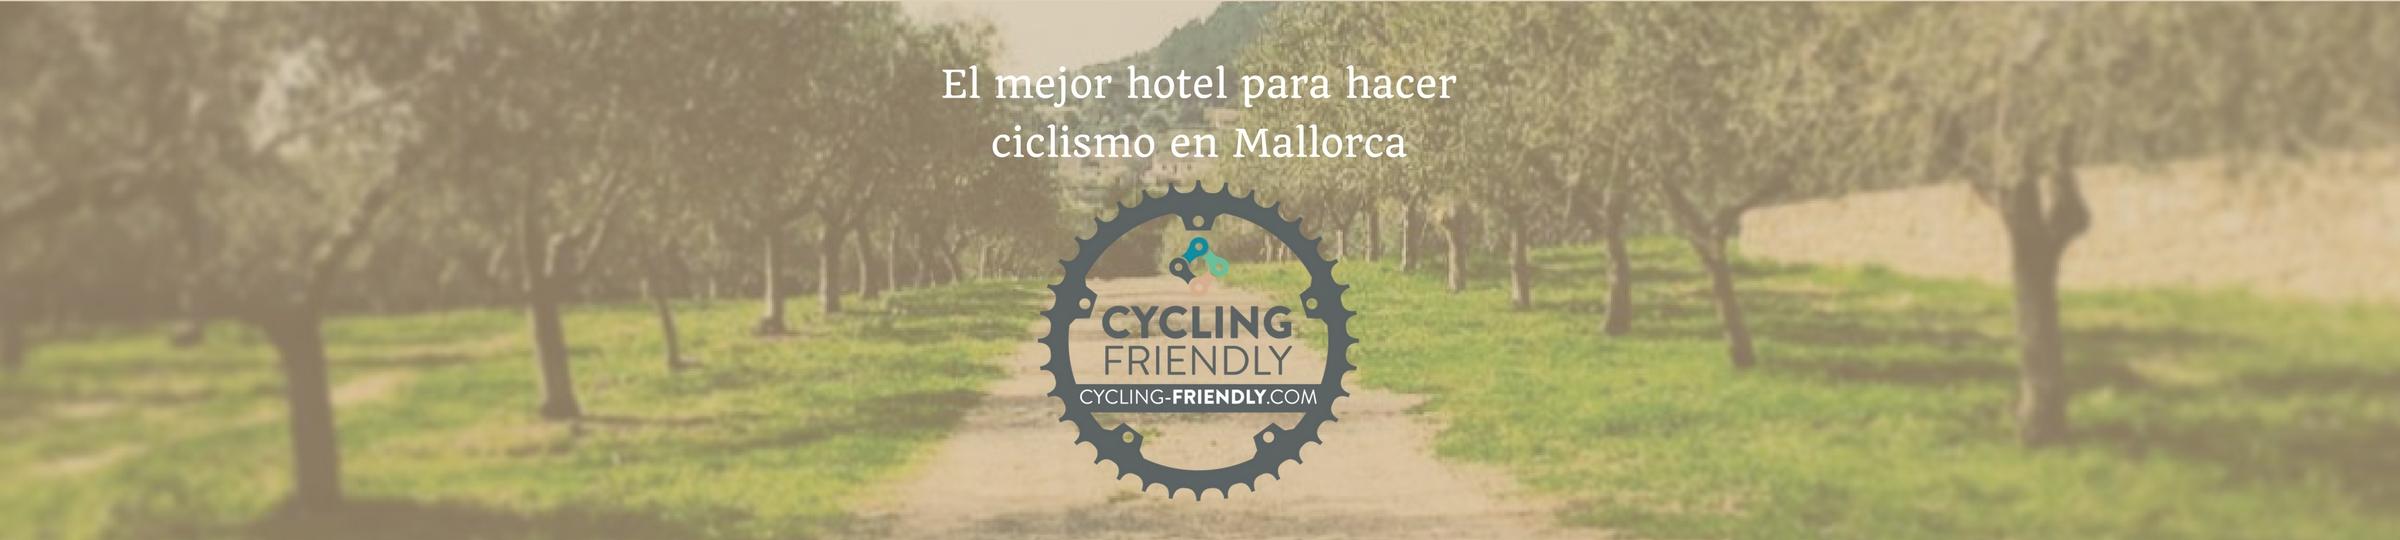 El Mejor Hotel Para Hacer Ciclismo En Mallorca (2)